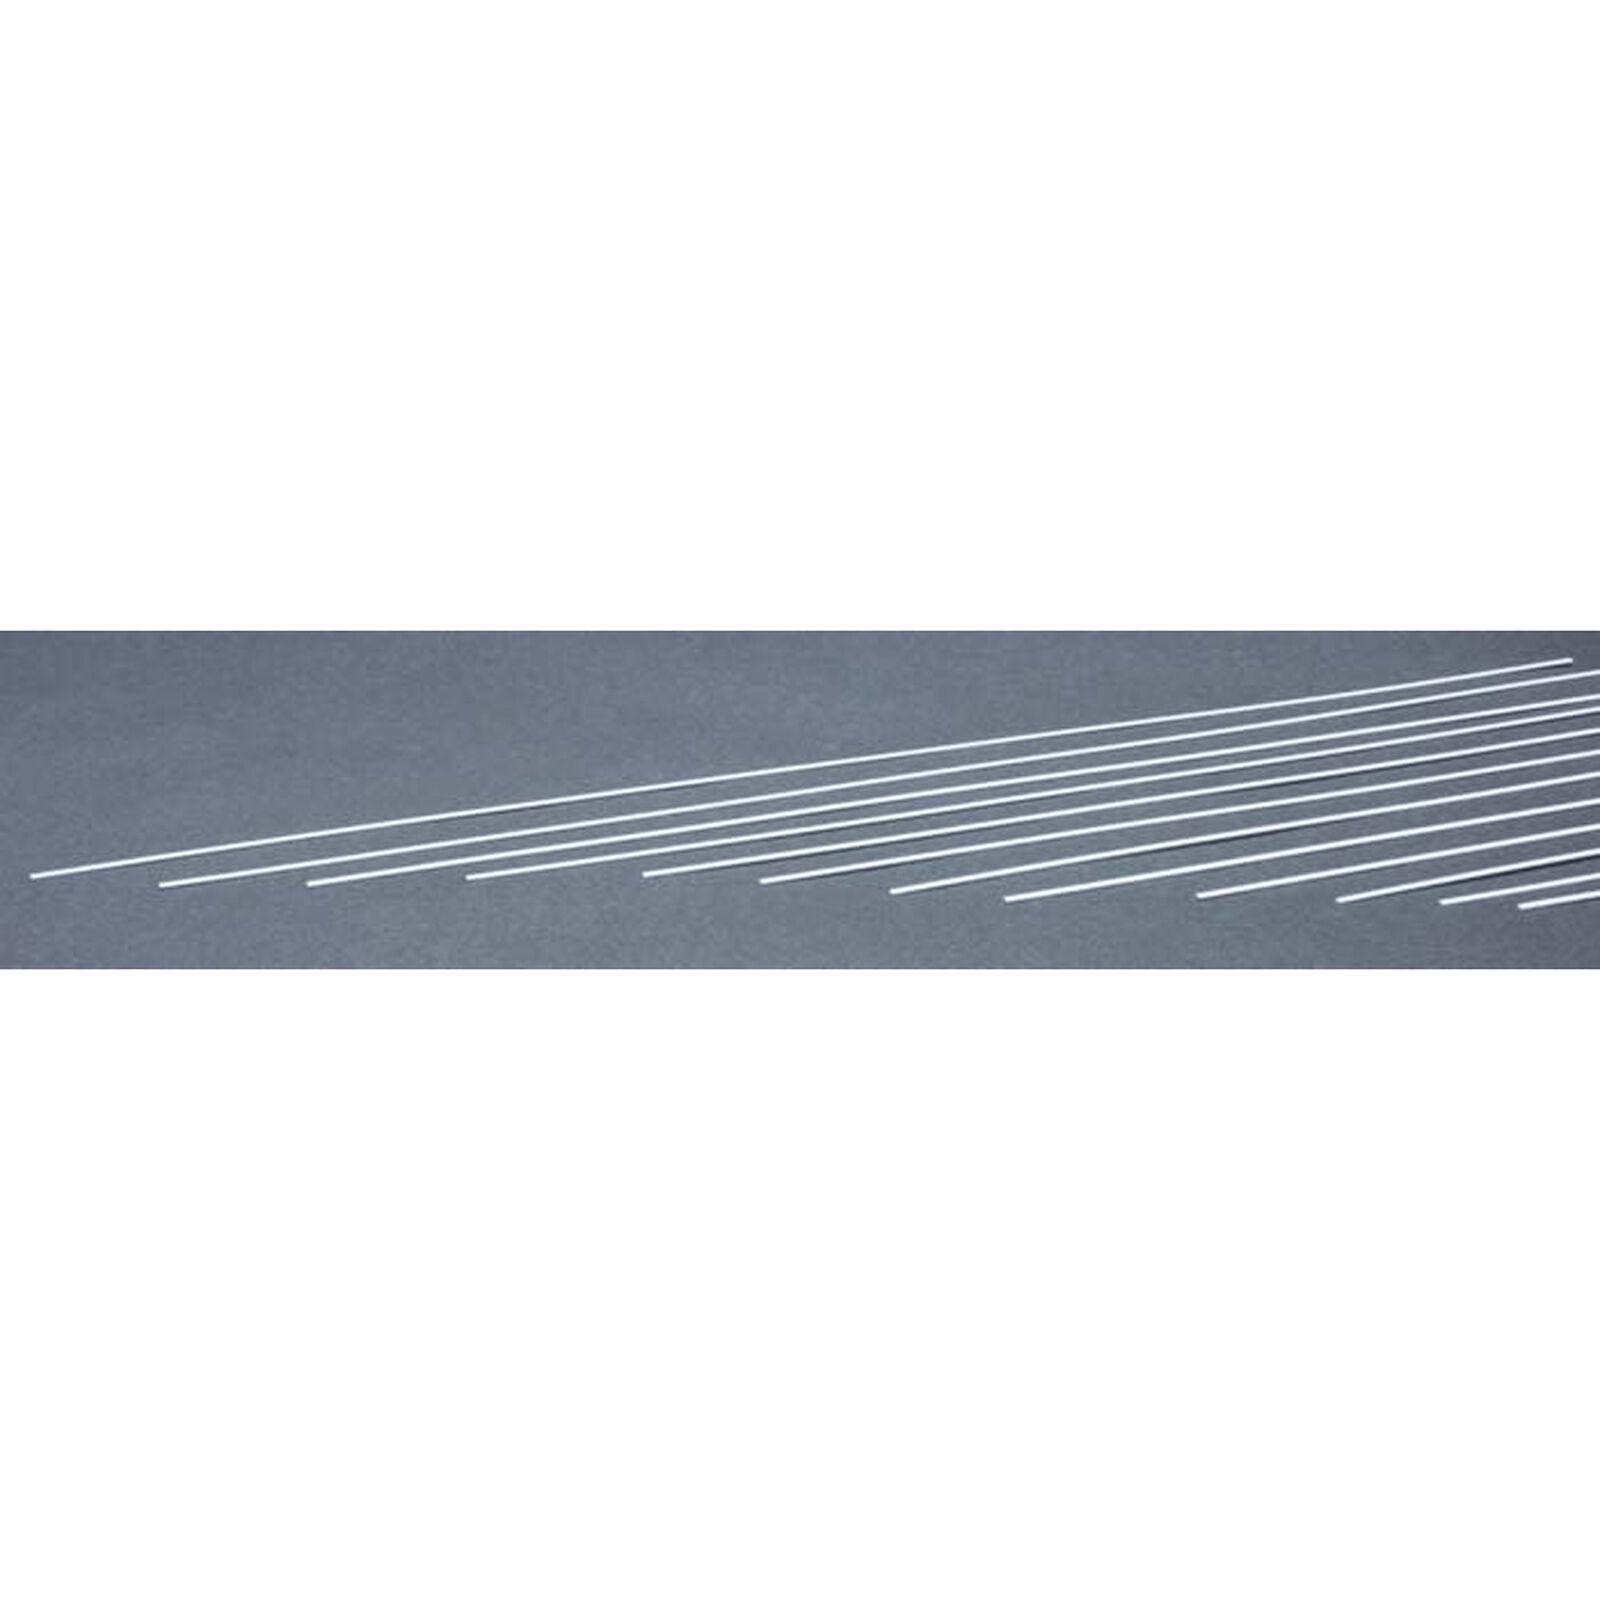 Strip .020 x .060 (10)